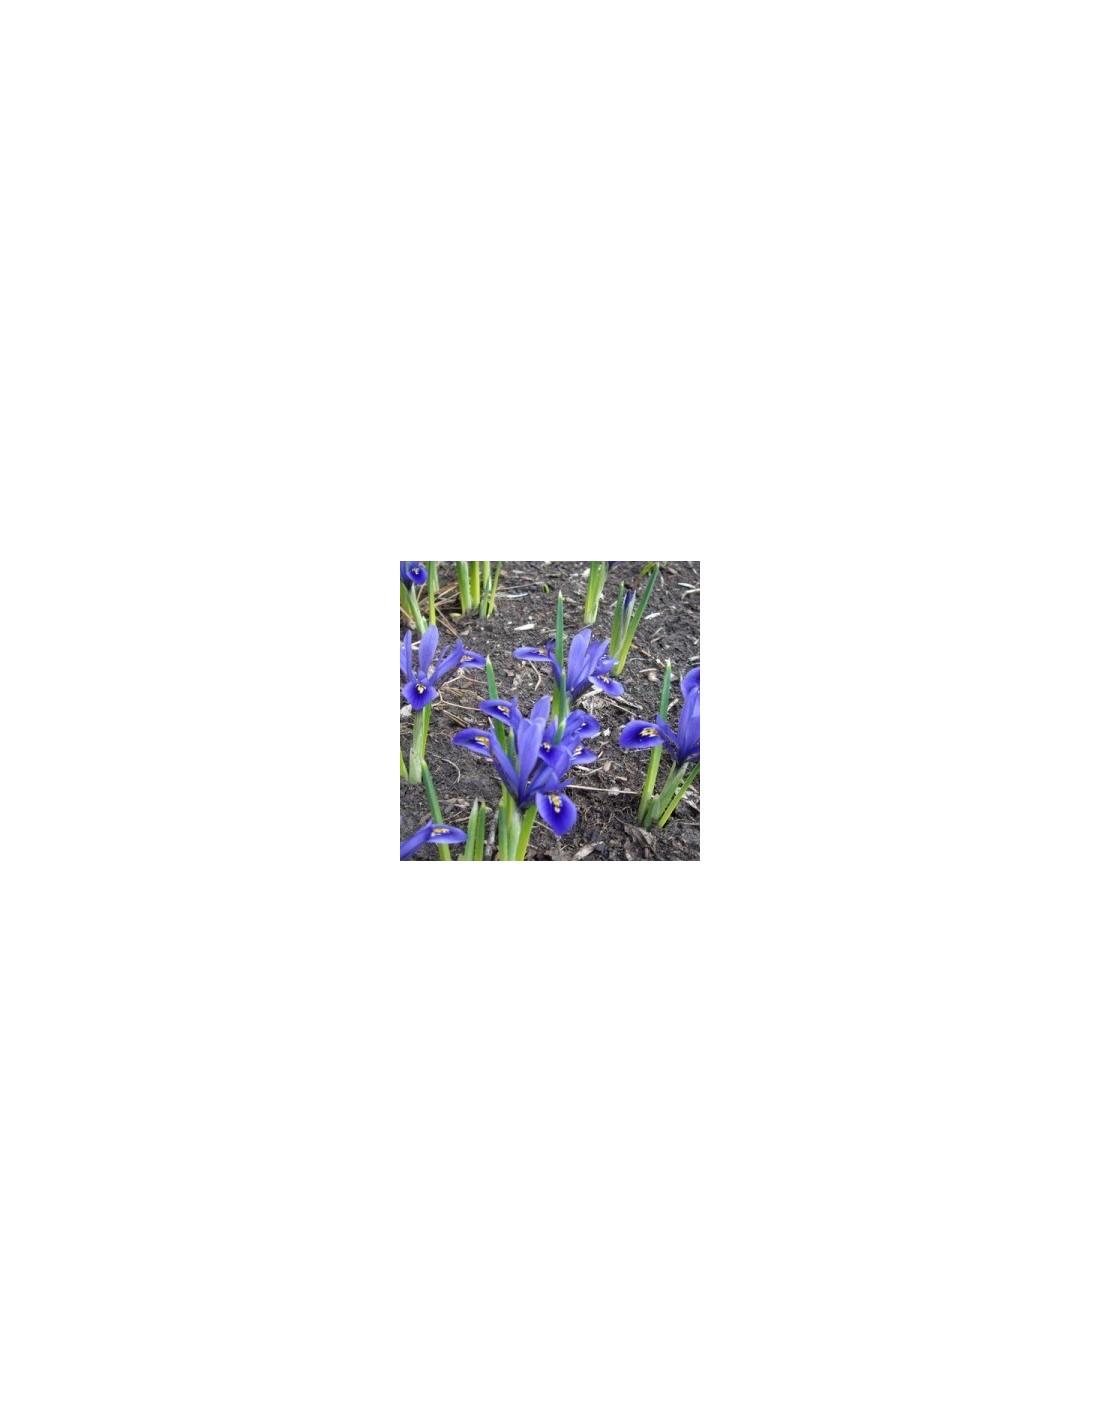 Bulbes d 39 iris r ticul 25 les jardins d 39 hauti re for Arrosage des bulbes